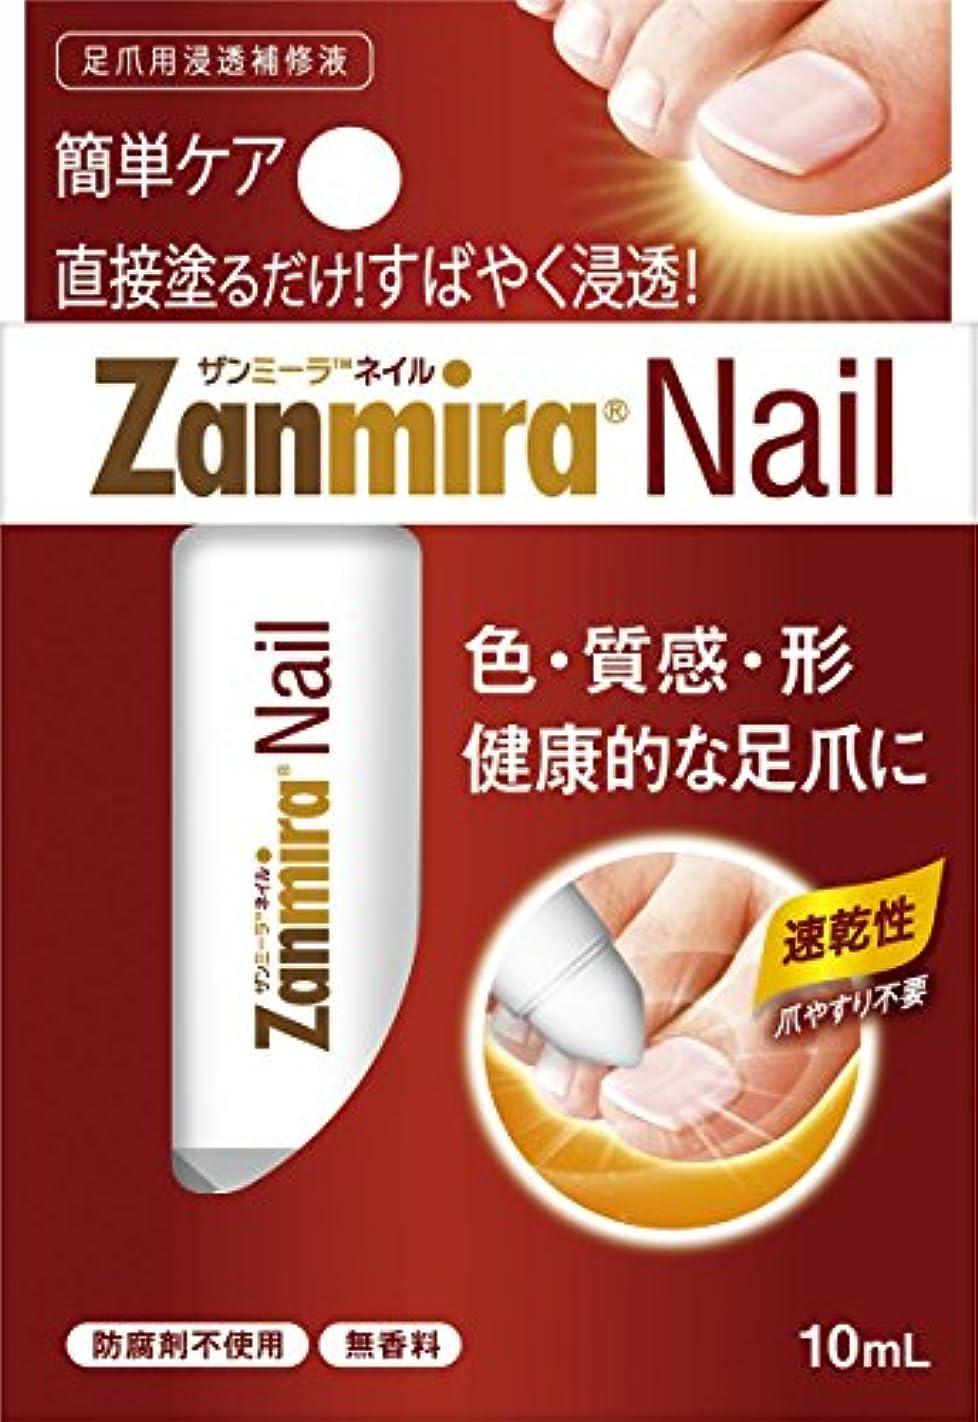 紫の誠意屋内でザンミーラ ネイル Zanmira Nail 10ml 足爪用浸透補修液